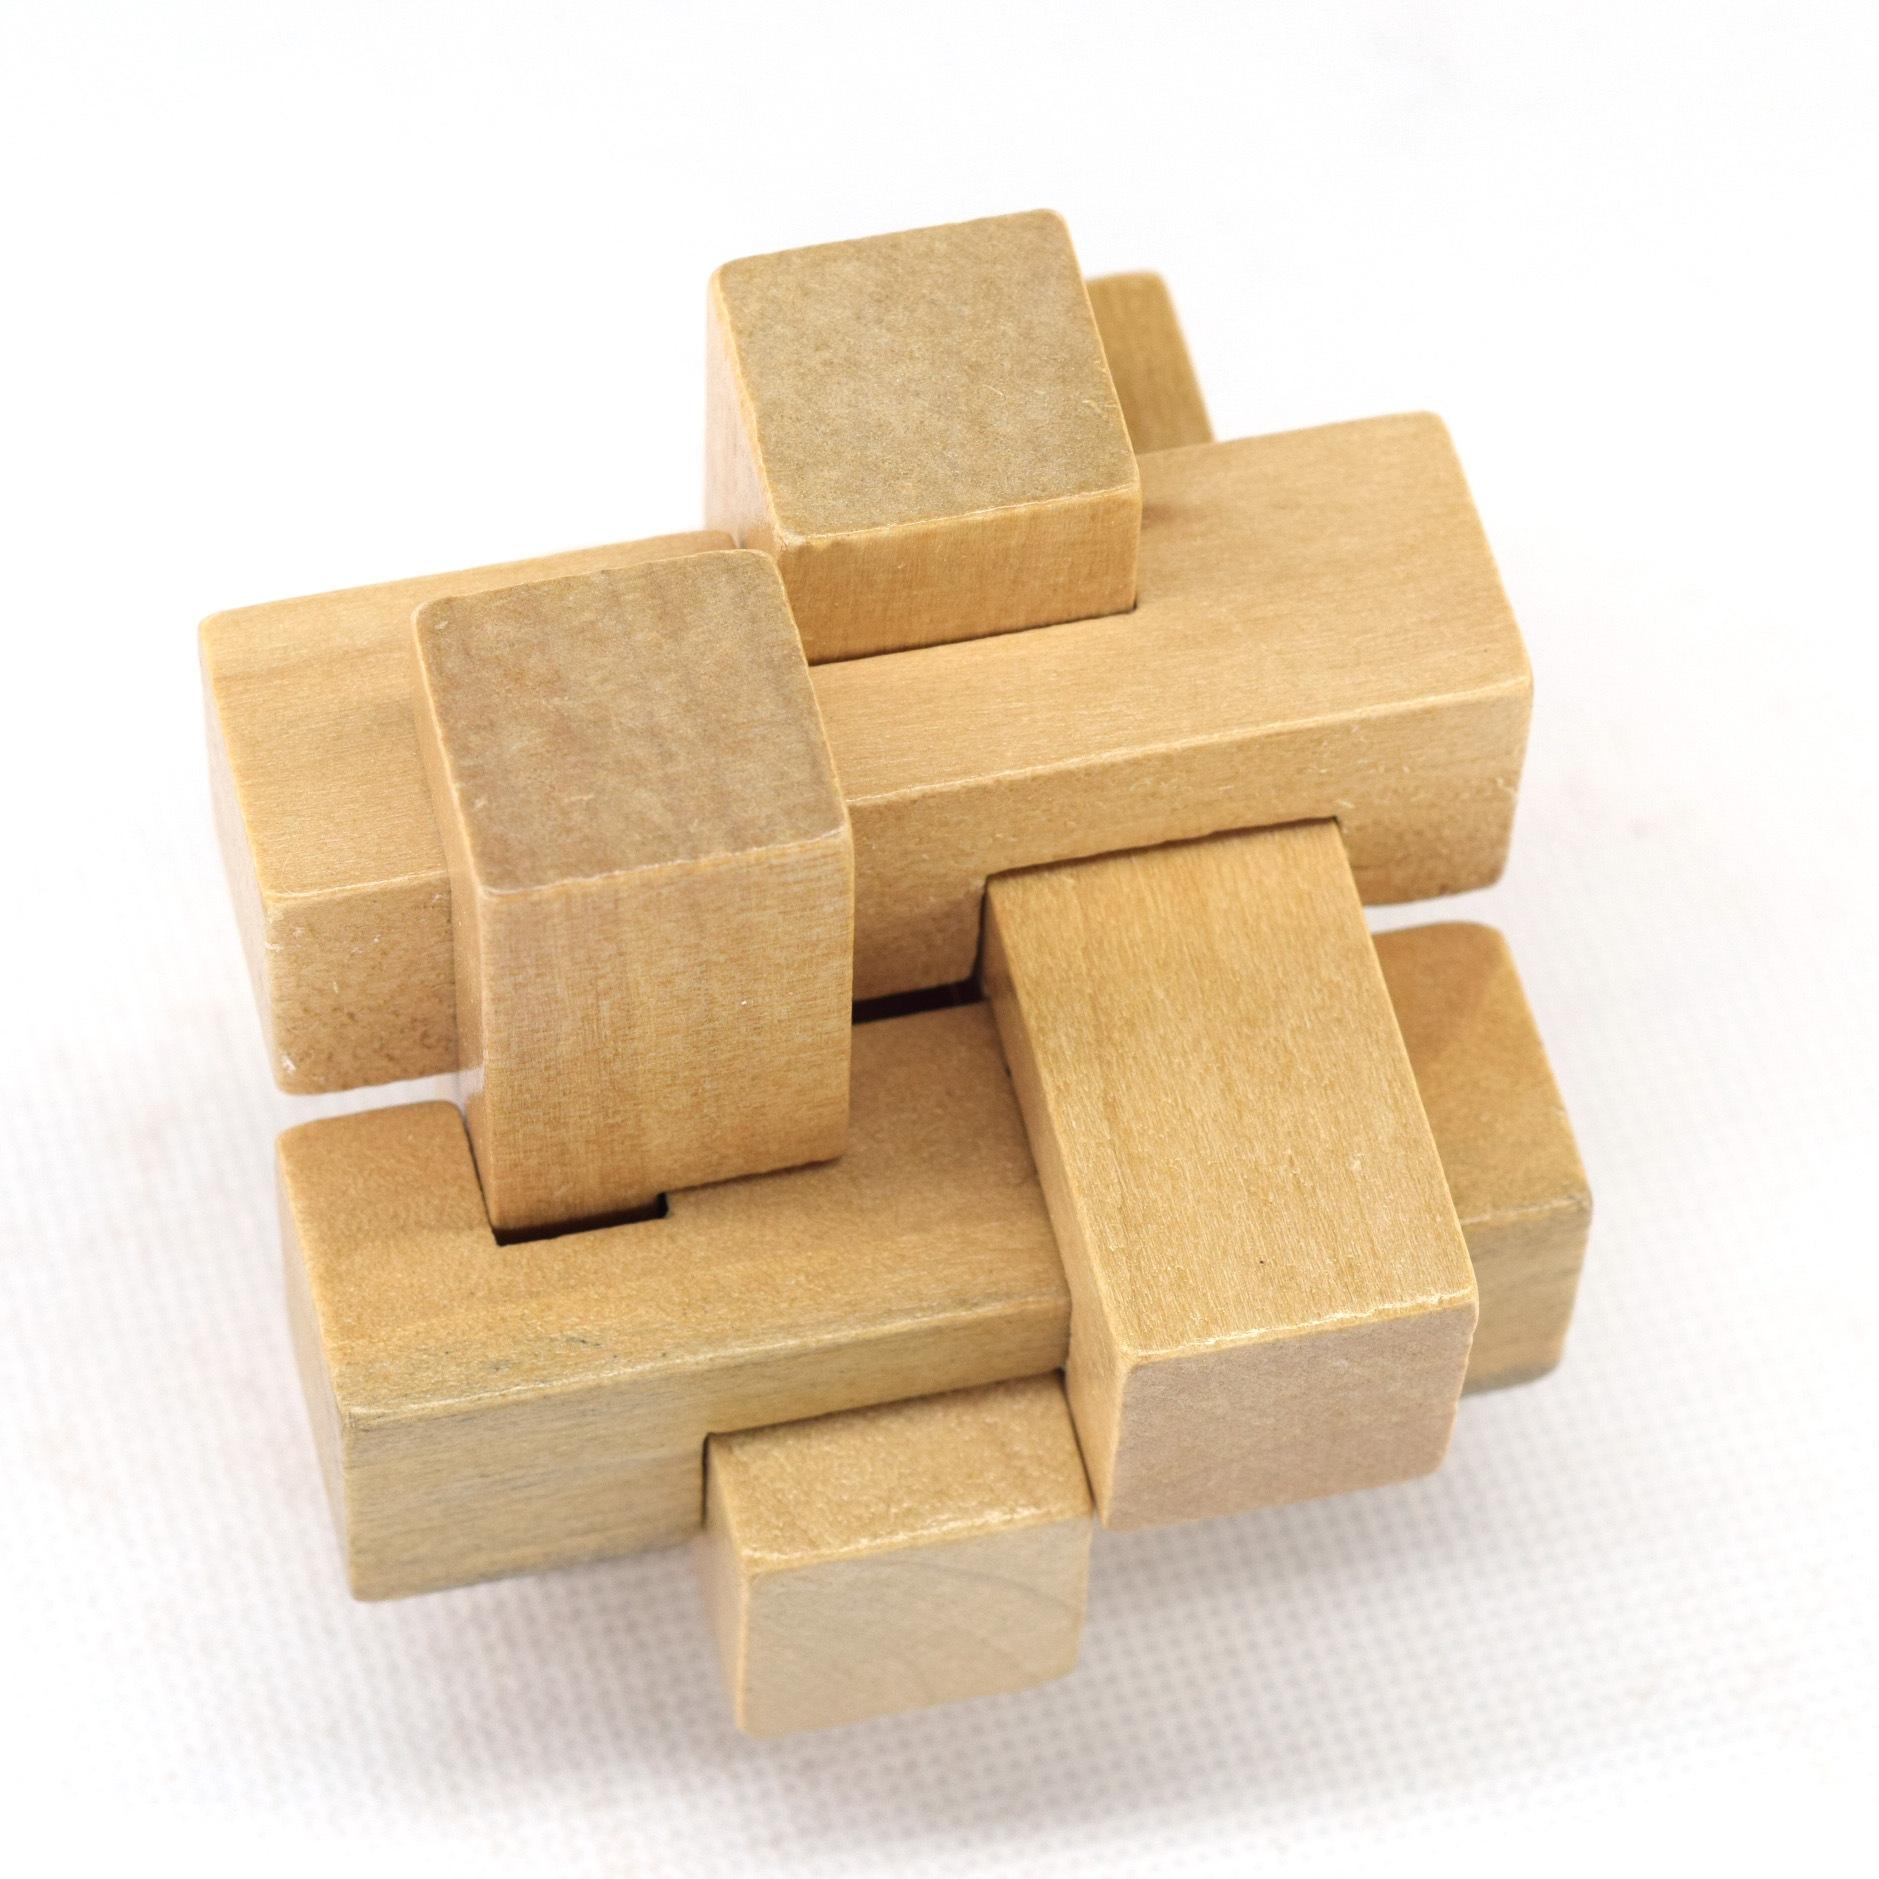 本店实物自行拍图盗图必究!!!           信息简介    你能在没有钉子和胶水的情况下,把这些木条交叉固定在一起吗?   早在两千多年前,古人就已经发明了一种特殊的咬合方式,把这些木条巧妙的垂直相交固定在一起,这种咬合在建筑上被广泛采用,在古代小至桌子、凳子,大到皇宫大殿,都是用这种方式制作与建造的。   鲁班锁也称孔明锁、别闷棍、六子联方、莫奈何、难人木等,传说是春秋时代鲁国工匠鲁班为了测试儿子是否聪明而制作的木制玩具,叫儿子拆开,儿子忙碌了一夜,终